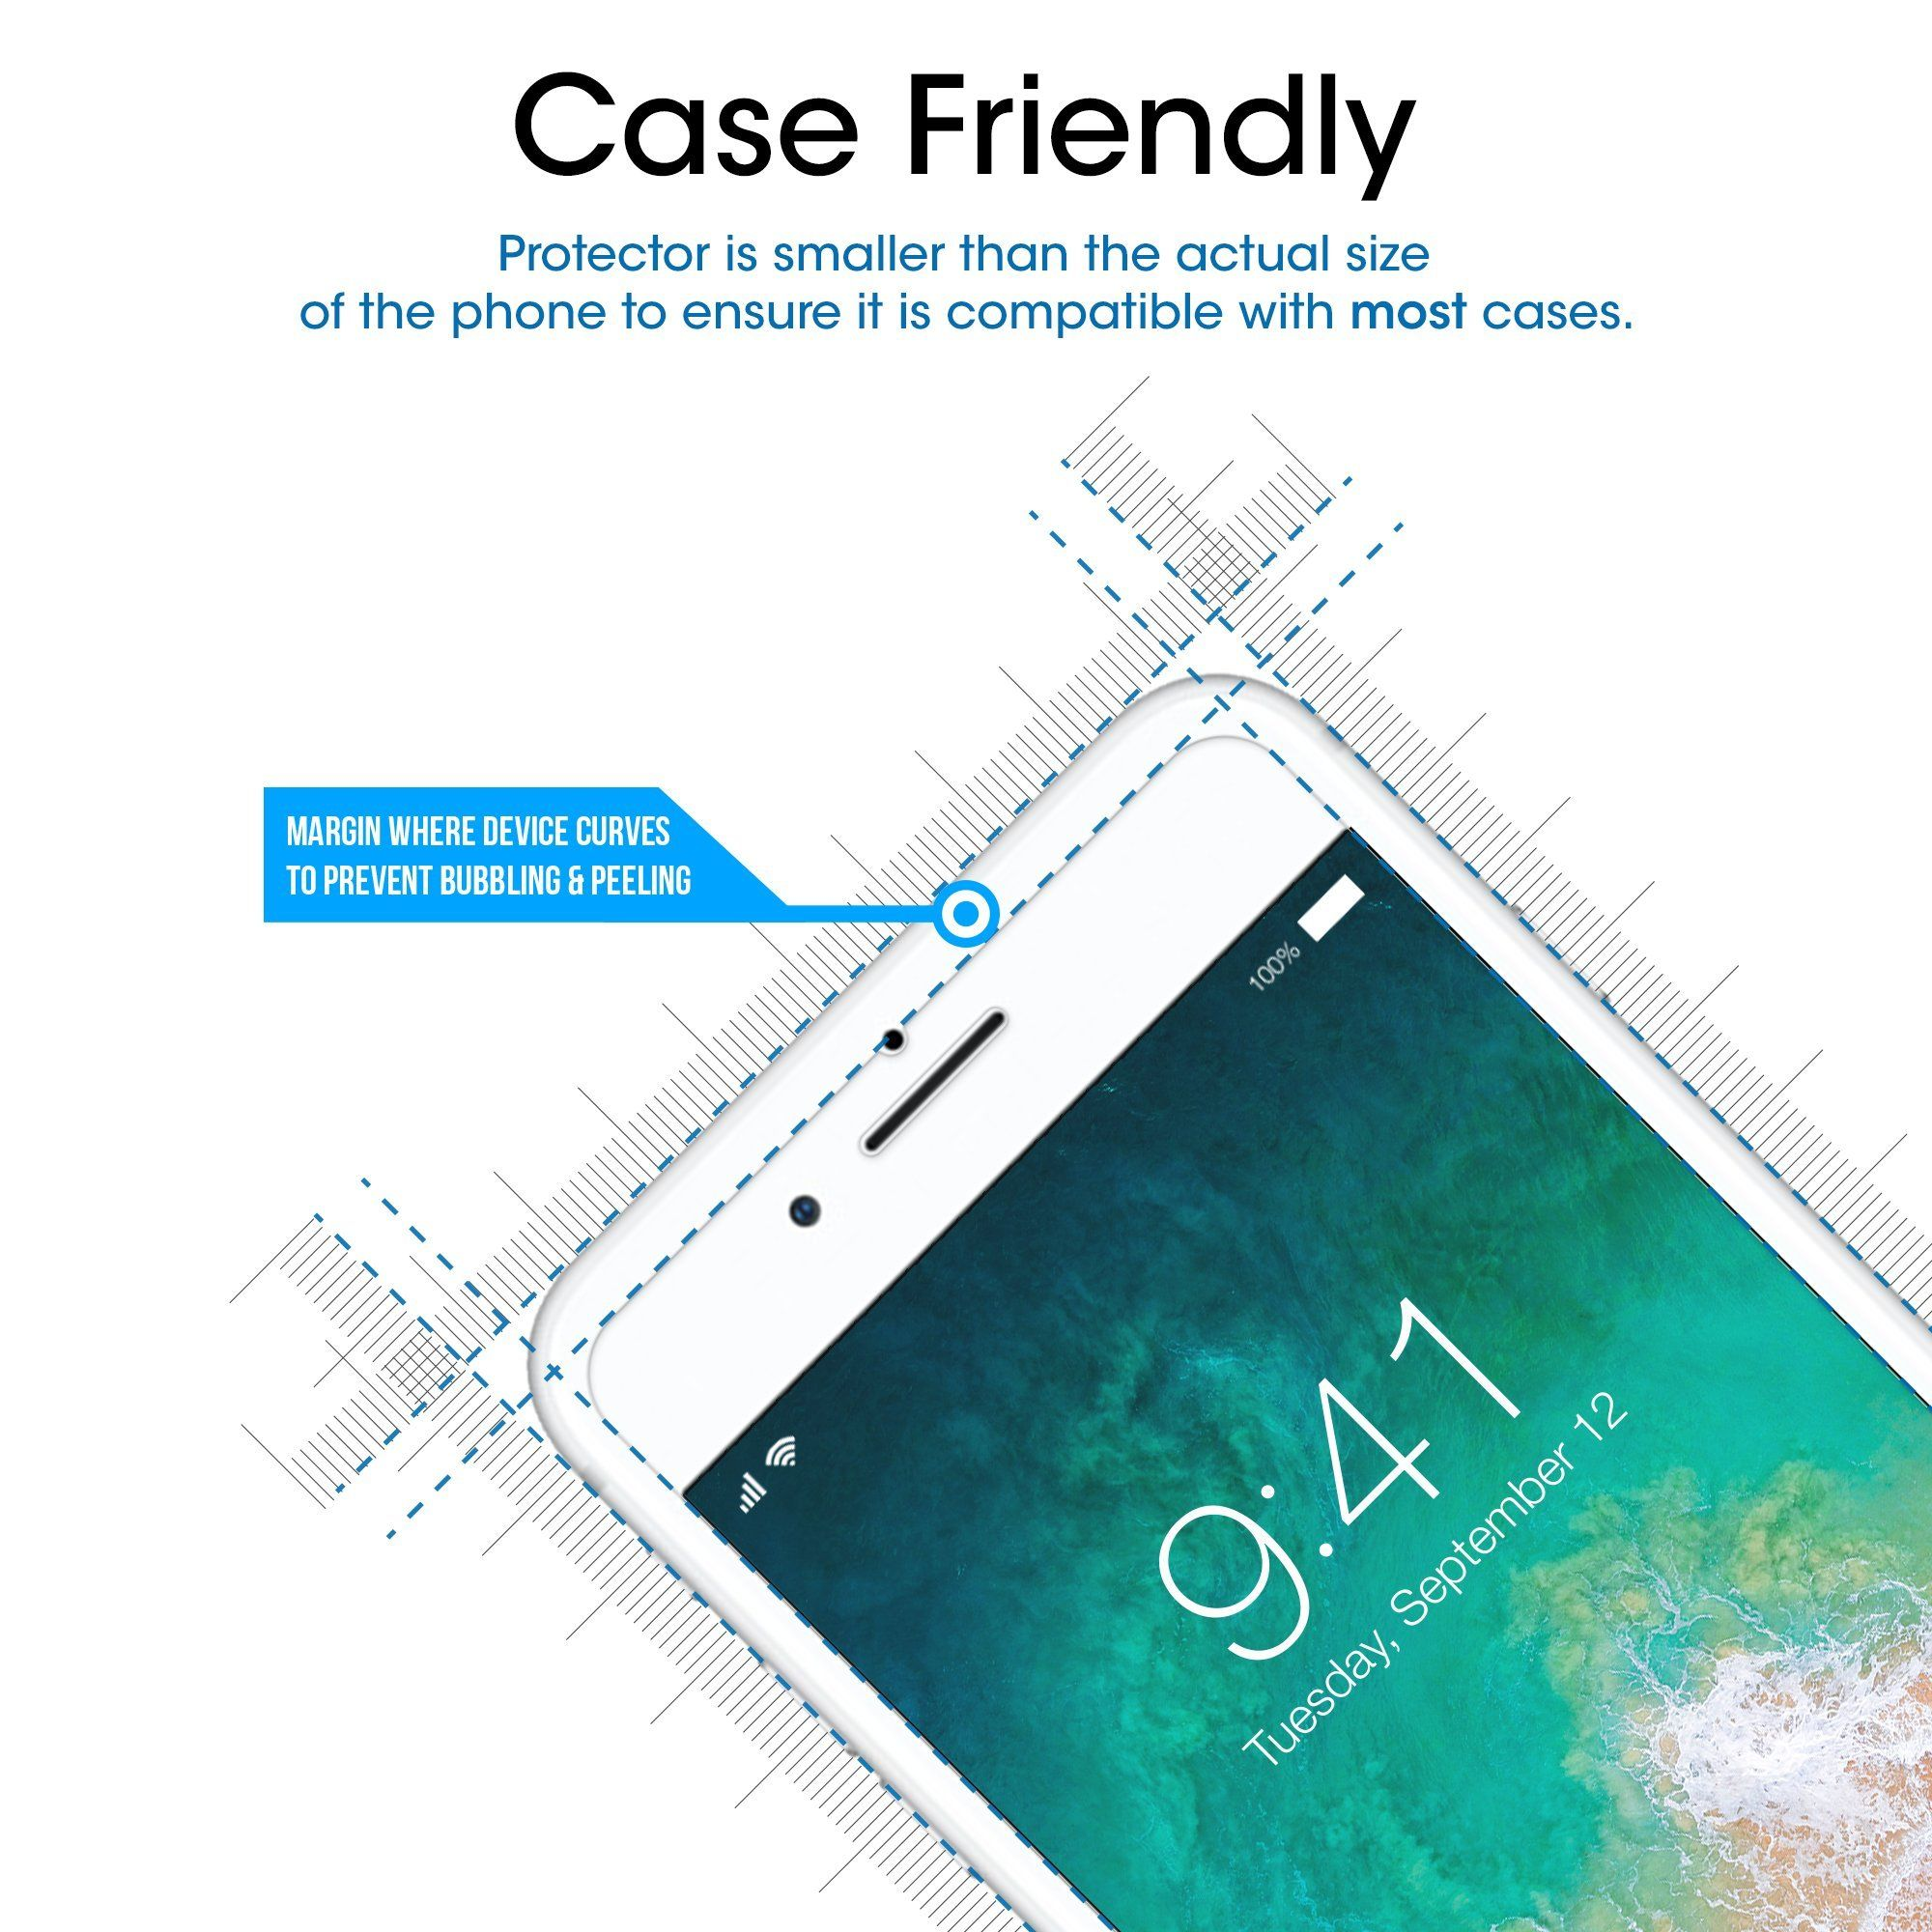 Iphone 8 Plus 7 Plus 6s Plus 6 Plus Screen Protector Amfilm Tempered Gl Screen Protector Iphone Cell Phone Screen Protector Tempered Glass Screen Protector